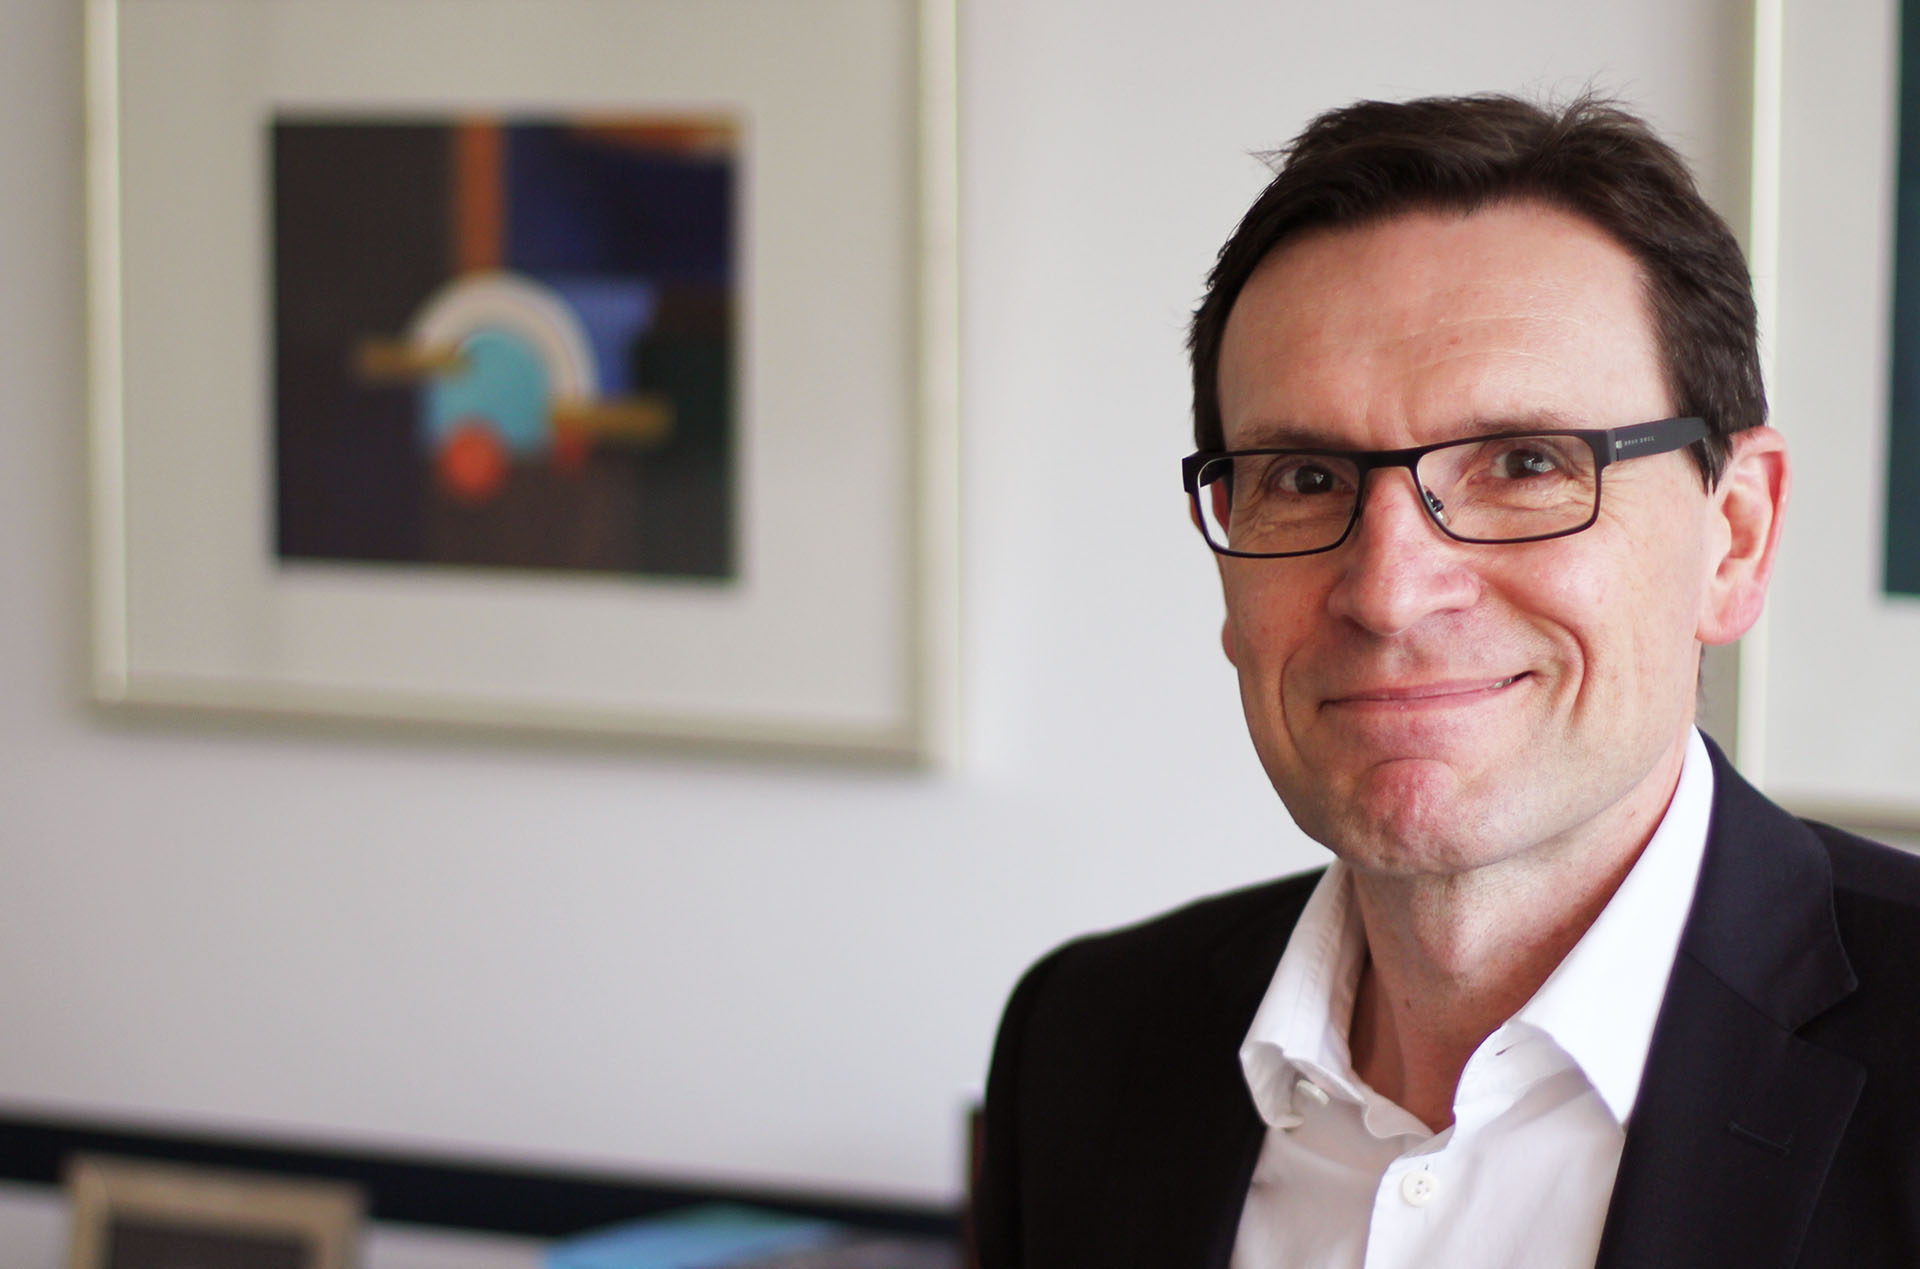 Prof. Dr. Peter Mandl ist Geschäftsführer und Gründer der iSYS Software GmbH in München